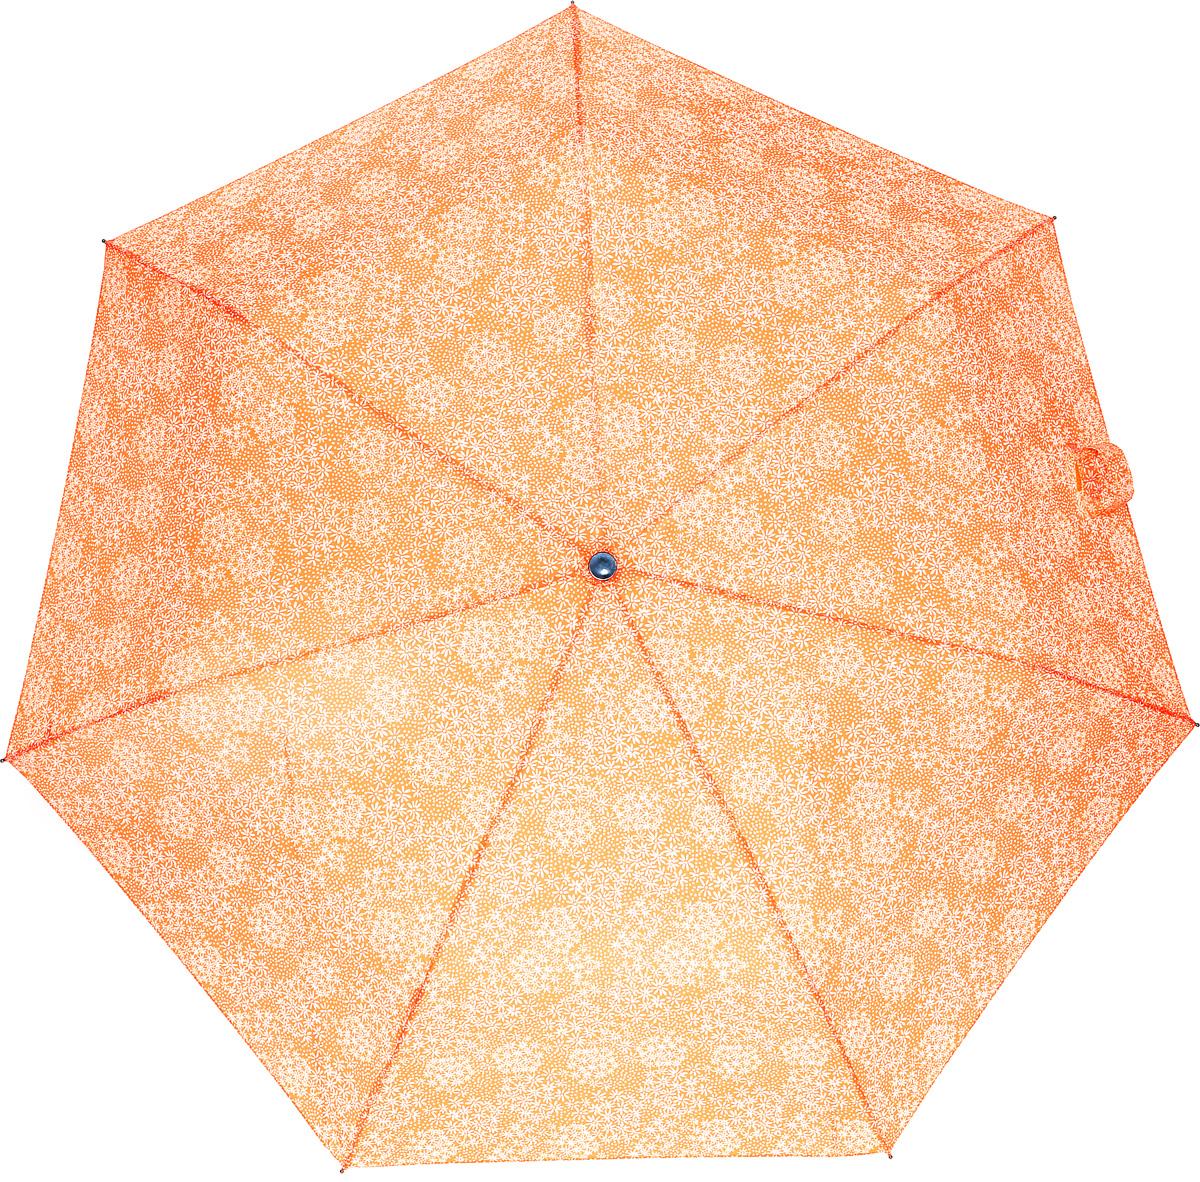 C-Collection 534-6 Зонт полный автом. 3 сл. жен.8L035081M/35449/2900NЗонт испанского производителя Clima. В производстве зонтов используются современные материалы, что делает зонты легкими, но в то же время крепкими. Полный автомат, 3 сложения, 7 спиц, полиэстер.